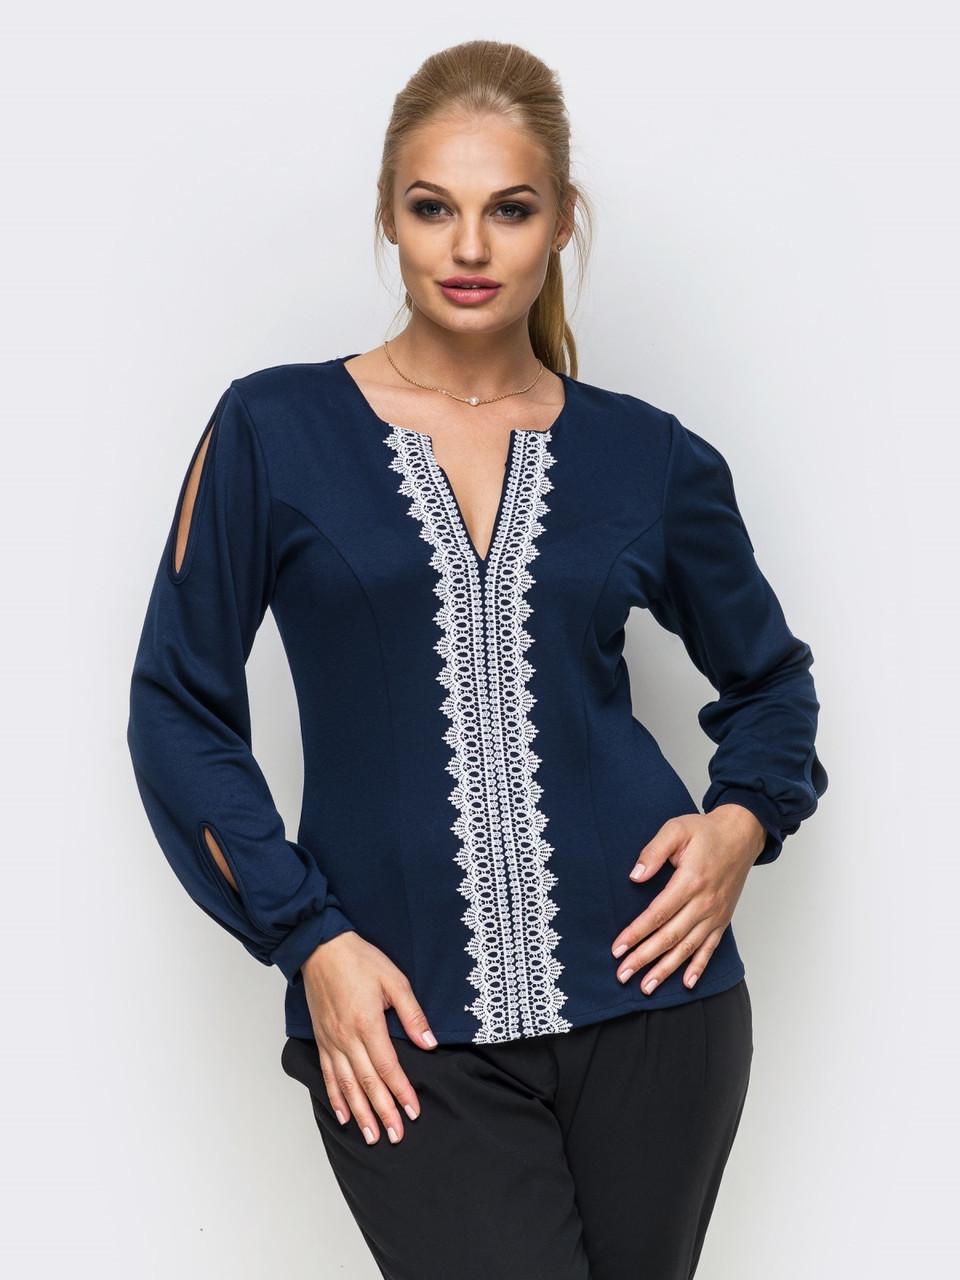 6591c76336c 👶Синяя блузка с V-образным вырезом (с разрезами на рукавах